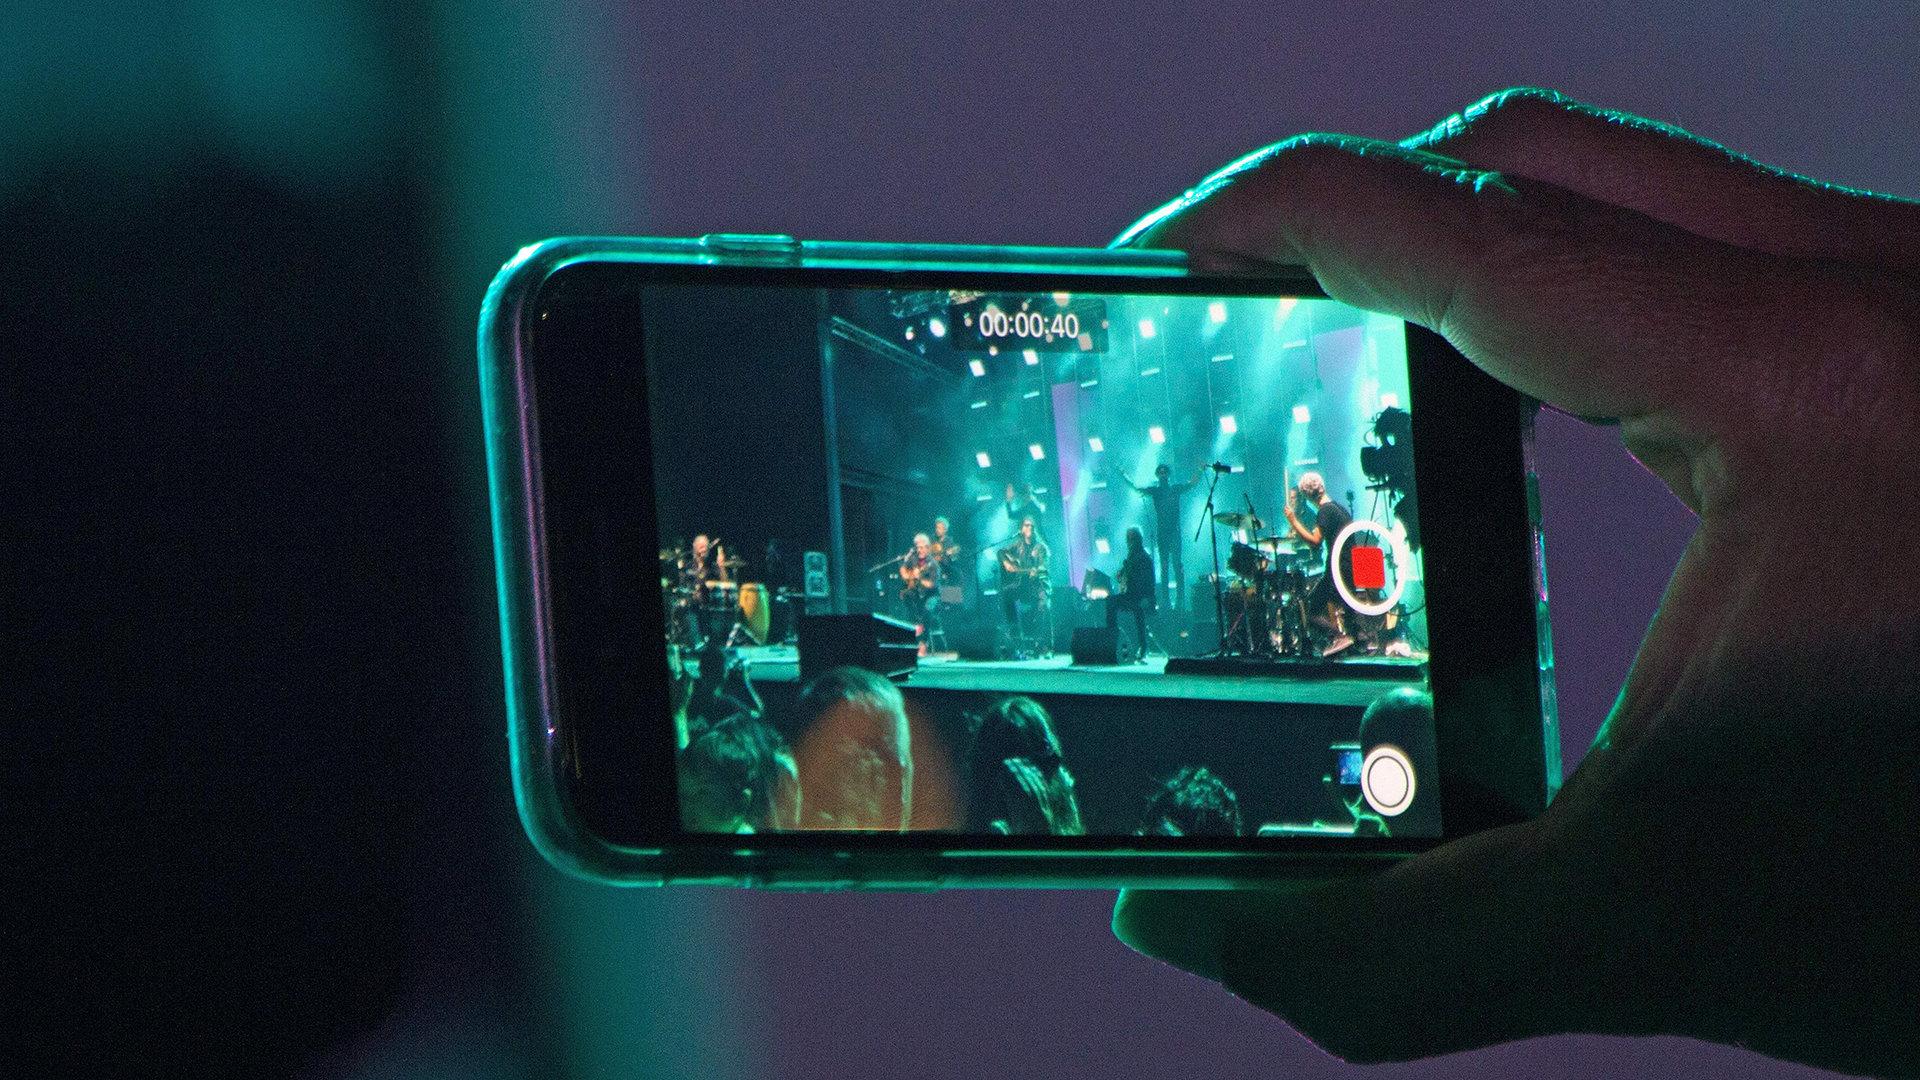 9 dicas para criar vídeos incríveis com a câmera do celular. Dicas fáceis e rápidas para você criar vídeos incríveis com a câmera do celular.